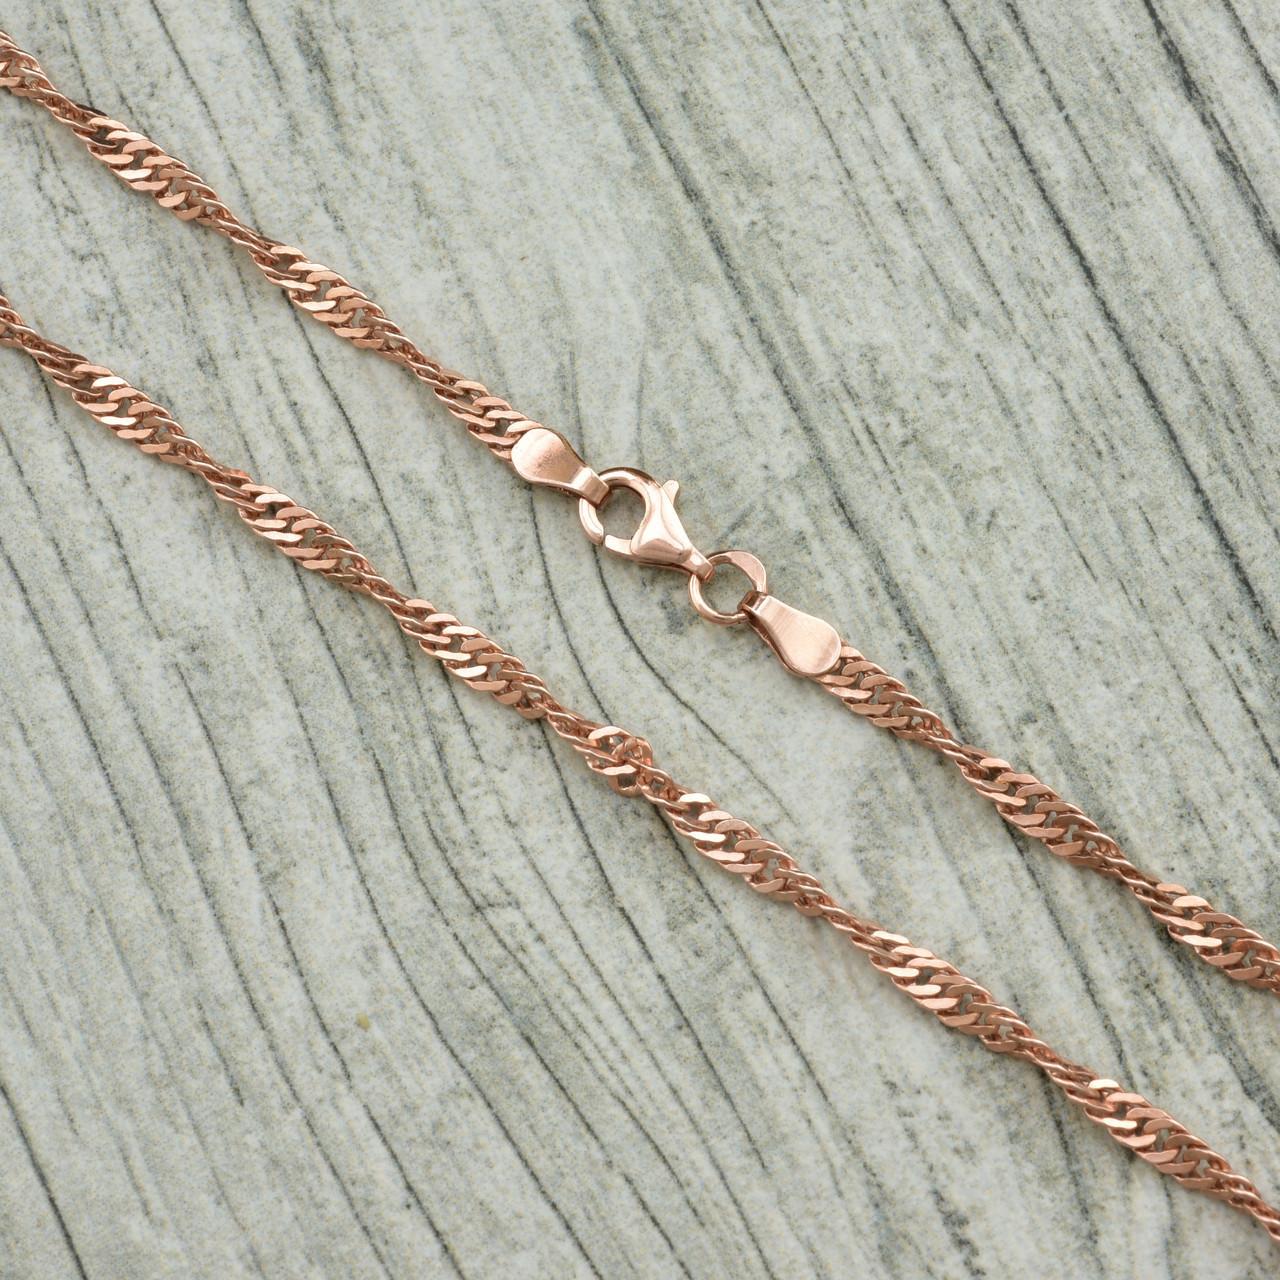 Серебряная цепочка позолоченная Сингапур длина 50 см ширина 3 мм вес 7.0 г